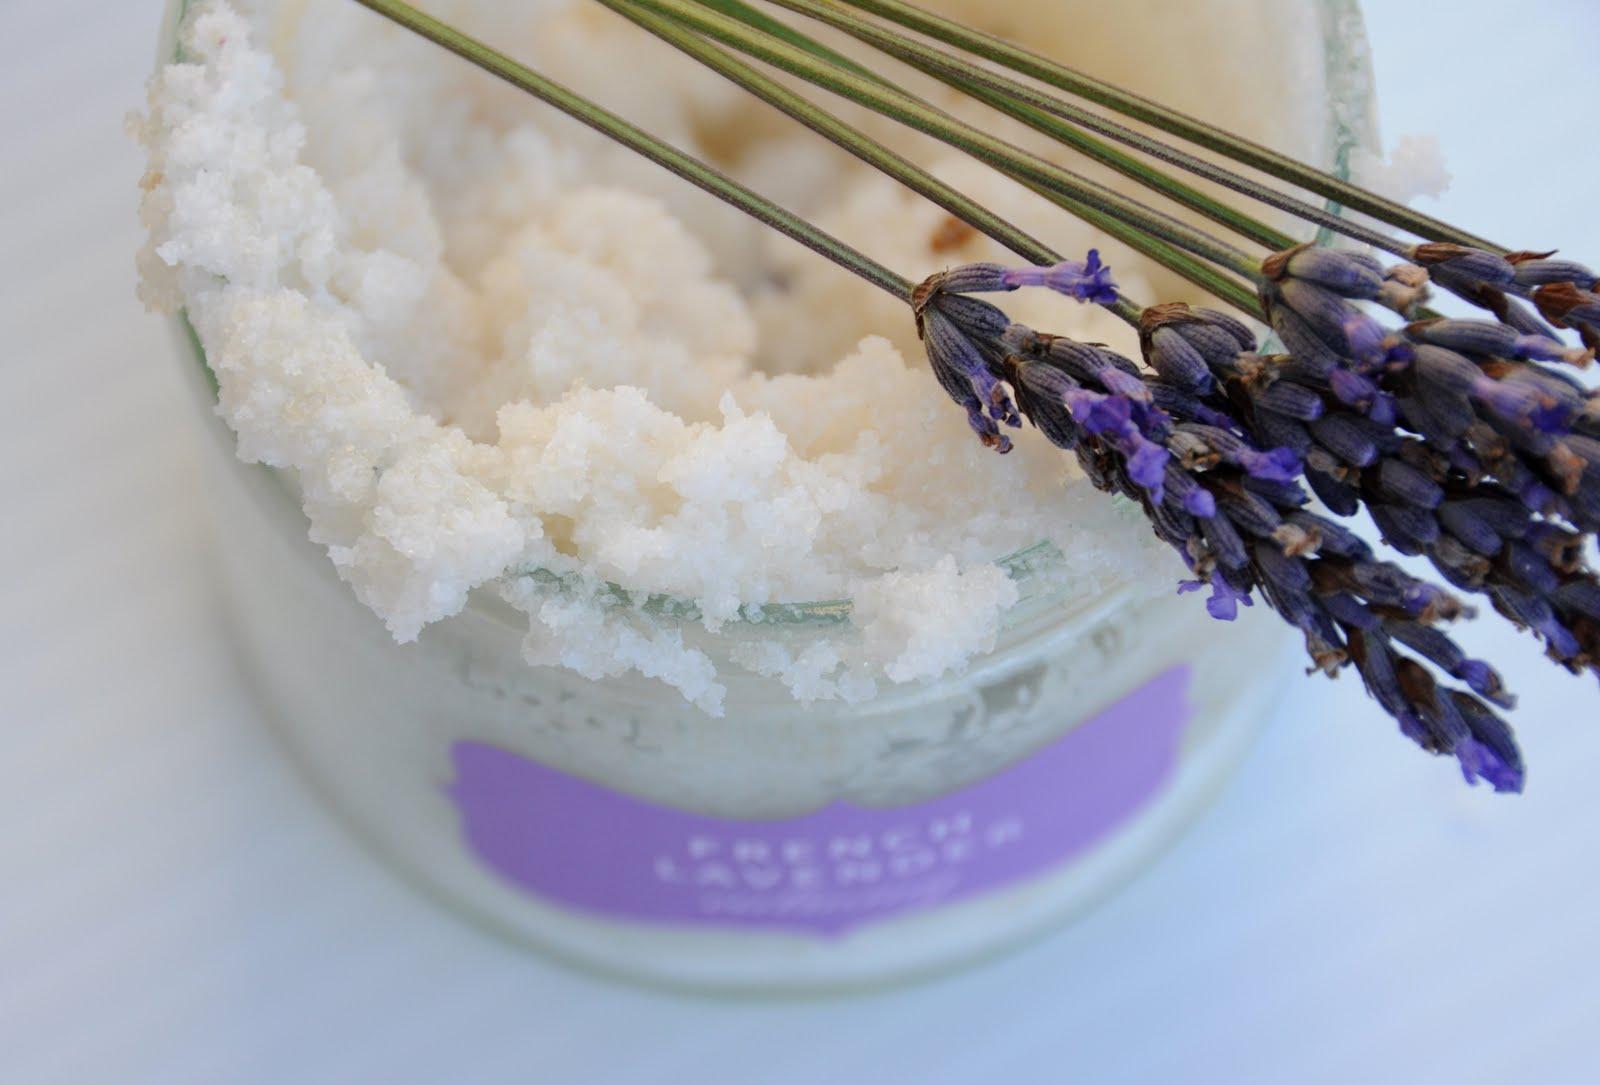 ... diy body scrub {a base for salt scrub or sugar scrub + questions